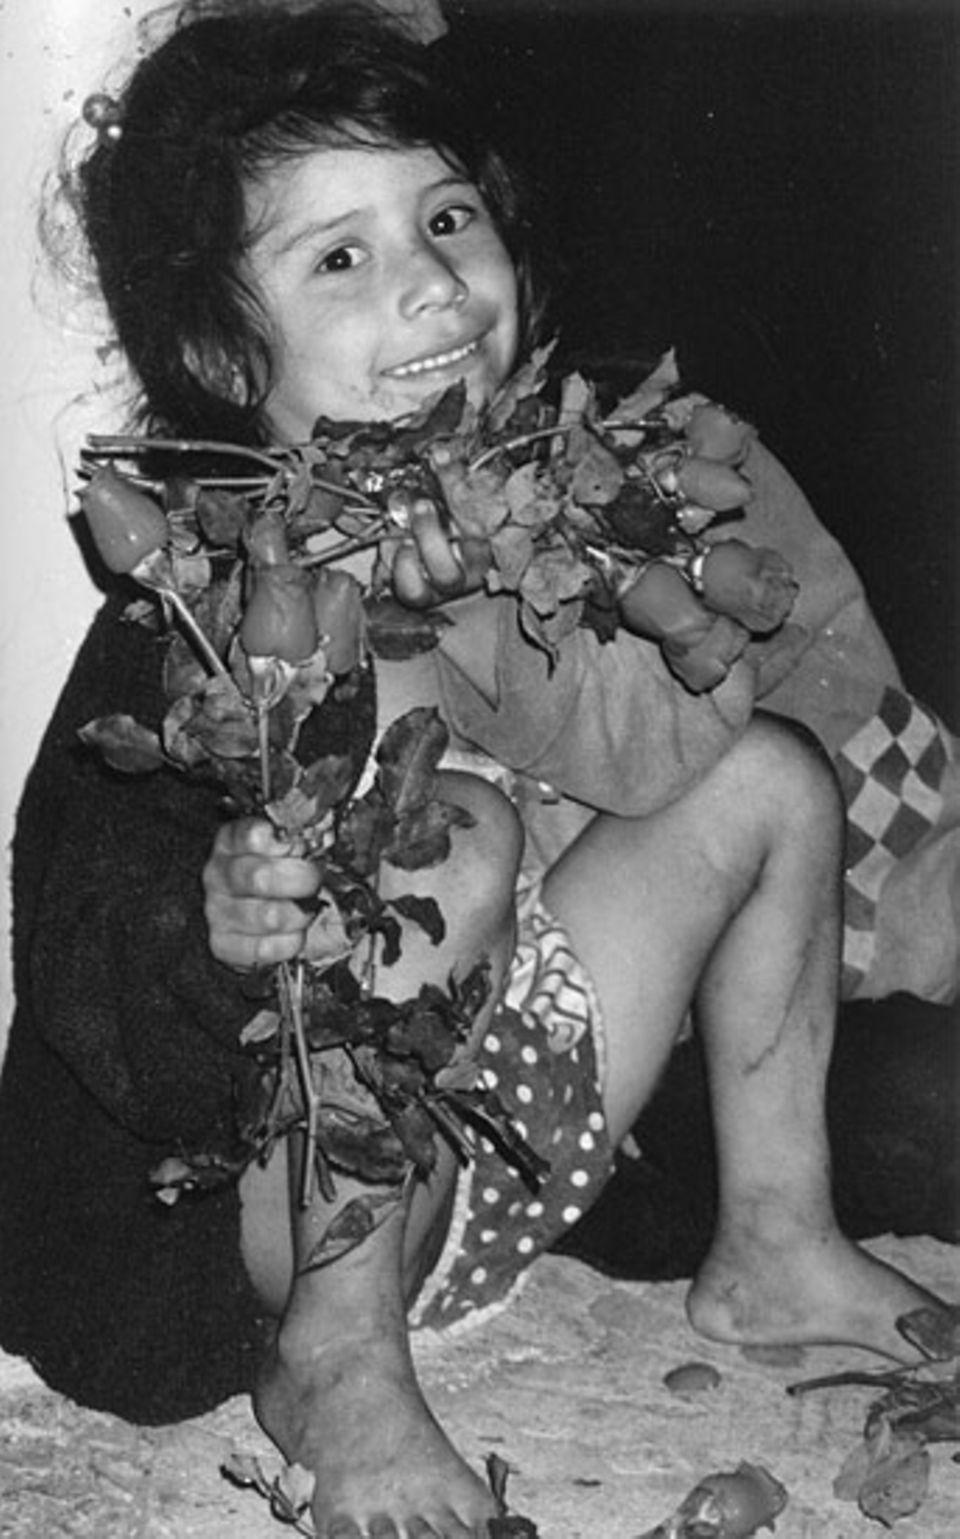 Zu lachen gibt es eigentlich wenig für die obdachlosen Kinder, die sich auch mit dem Verkauf von Blumen über Wasser halten